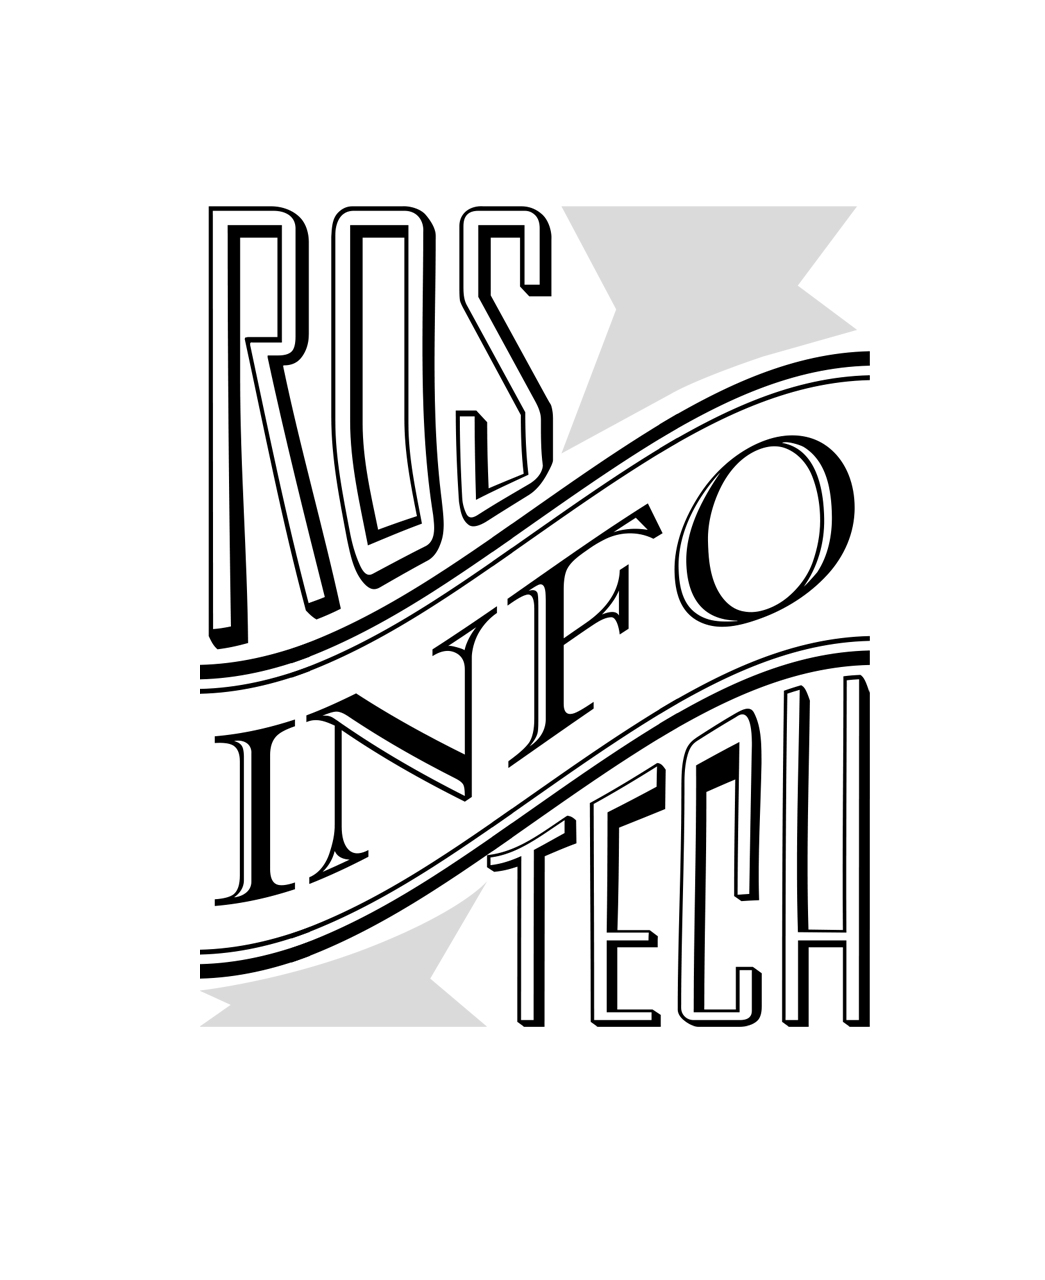 Разработка пакета айдентики rosinfo.tech фото f_9685e1c817705b31.jpg